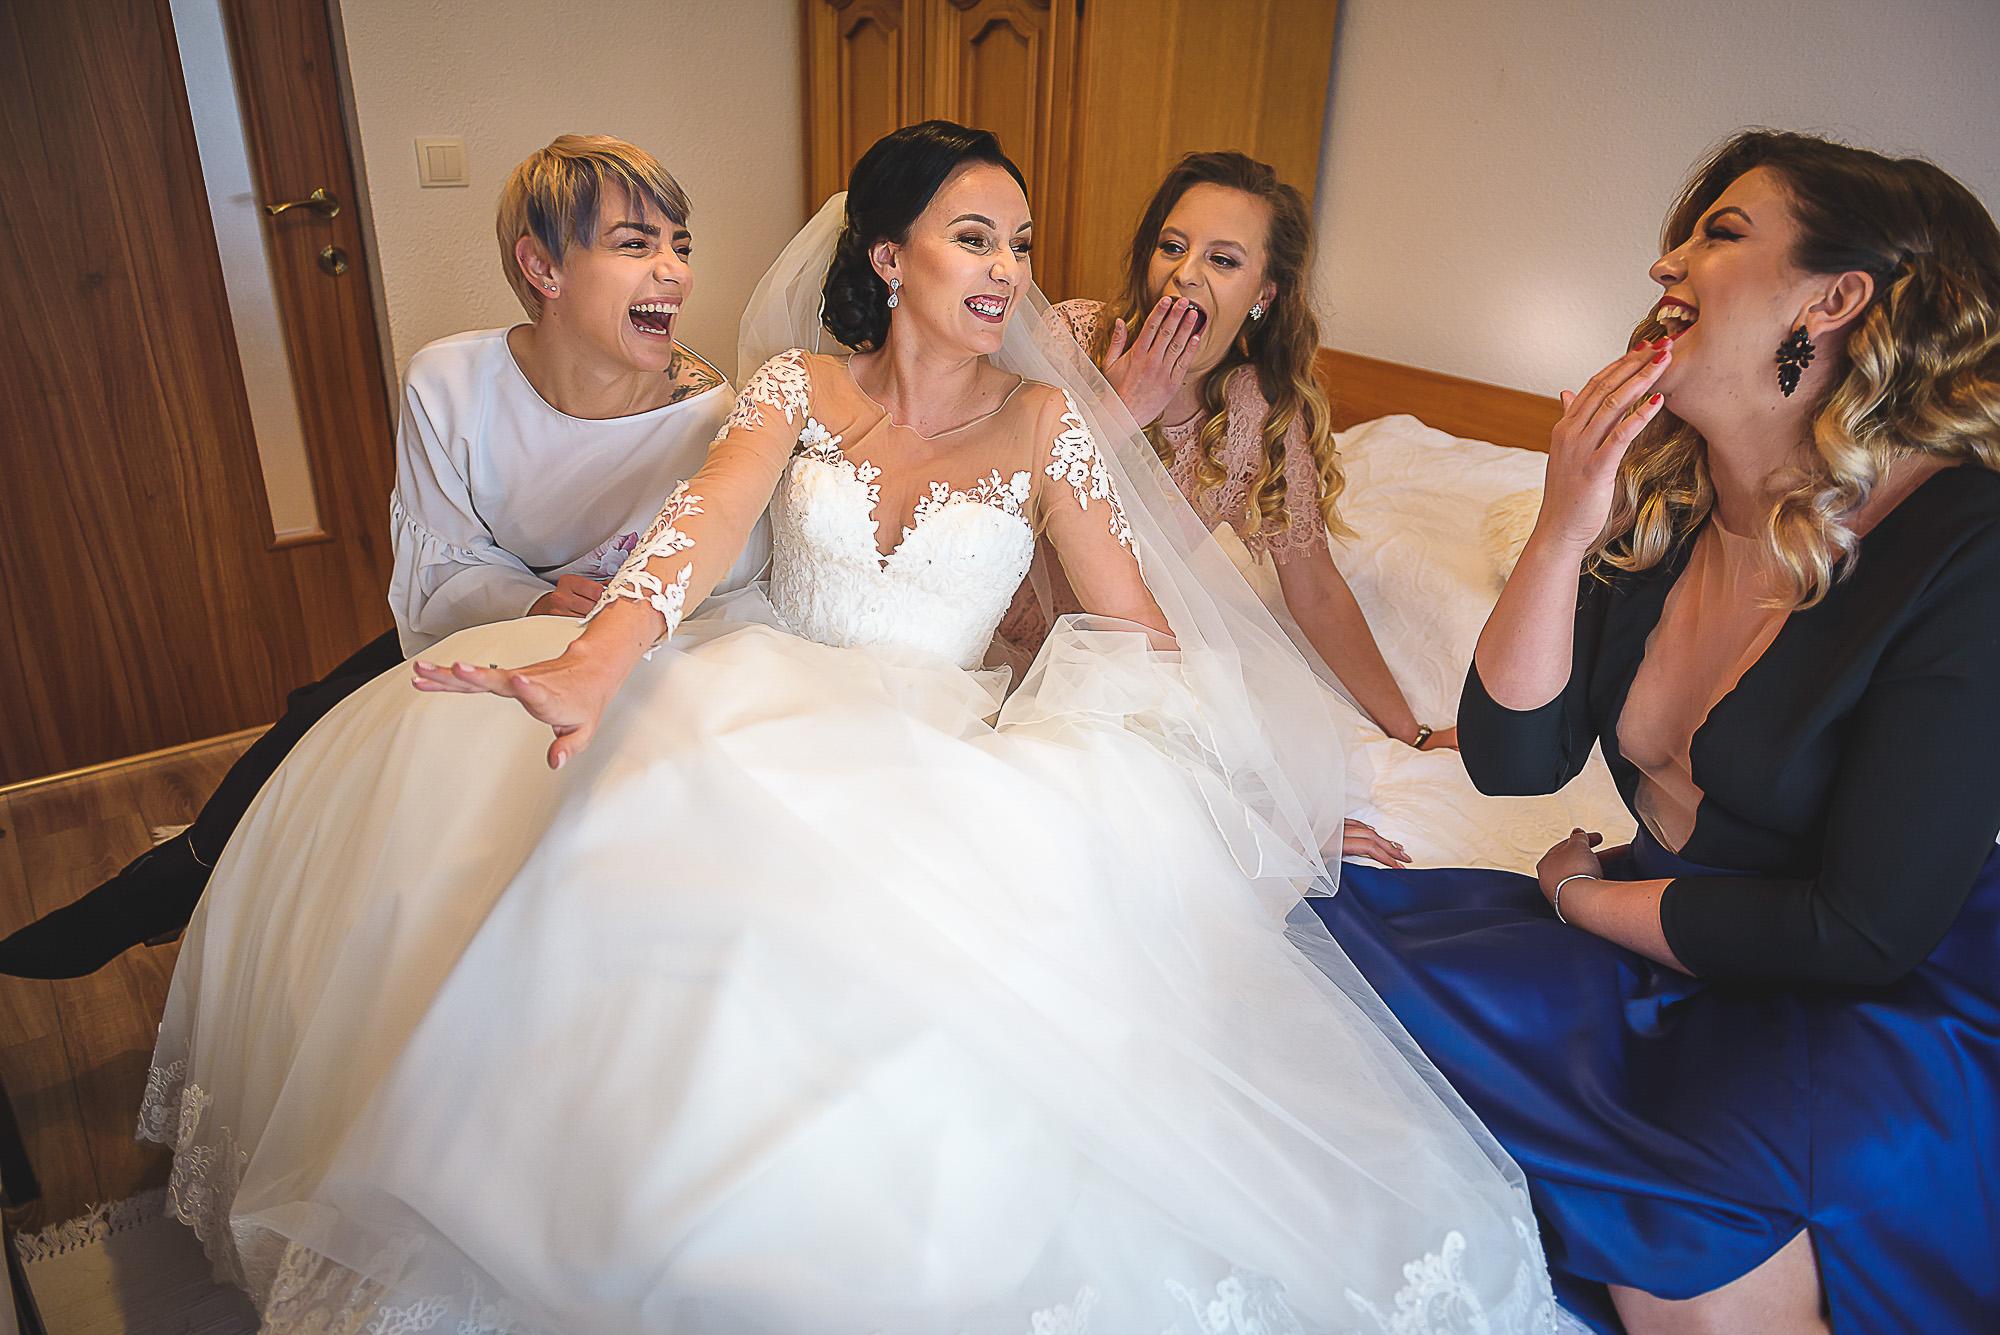 fotografie creativa de nunta, fotograf nunta mures, foto nunta reghin, foto video reghin, pregatirile miresei, foto video nunta mures, mireasa cu prietenele, best friends forever, BFF, prietenie